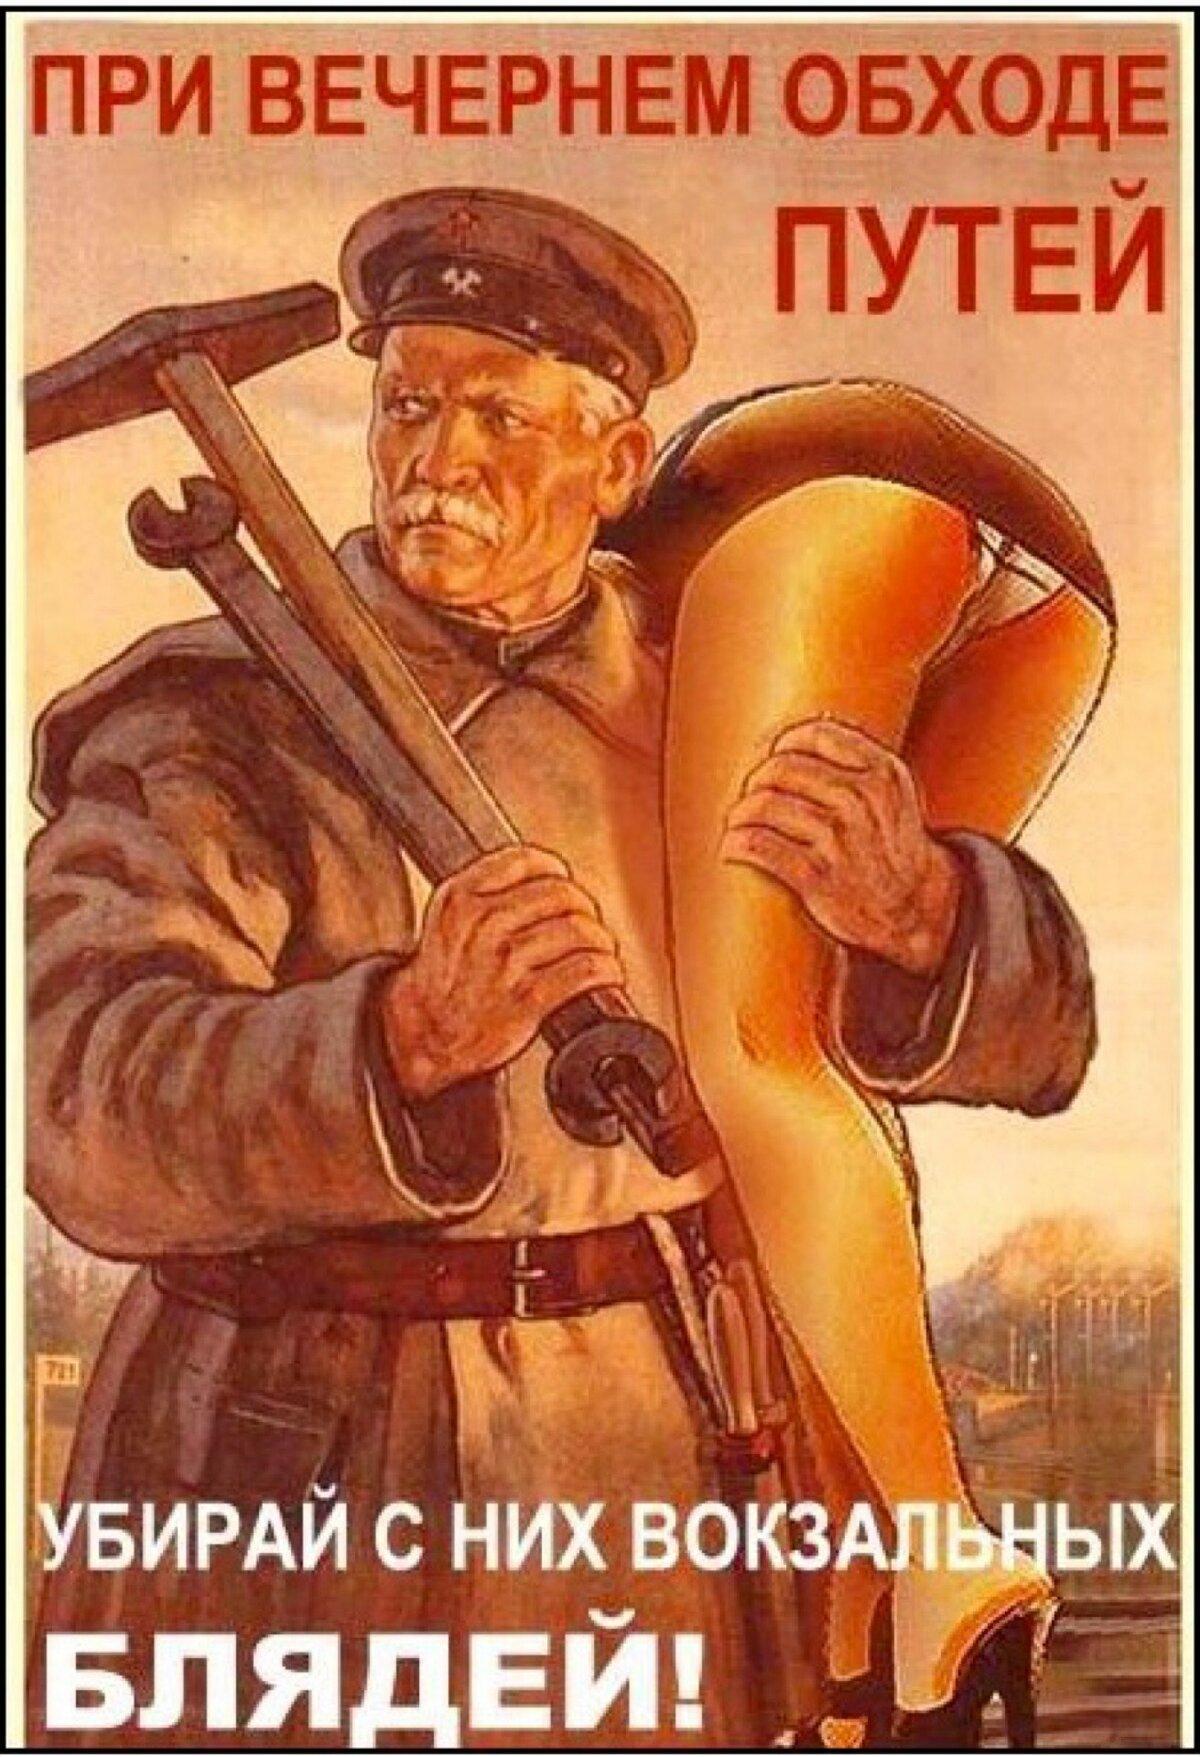 Новый, советские плакаты про работу и труд приколы